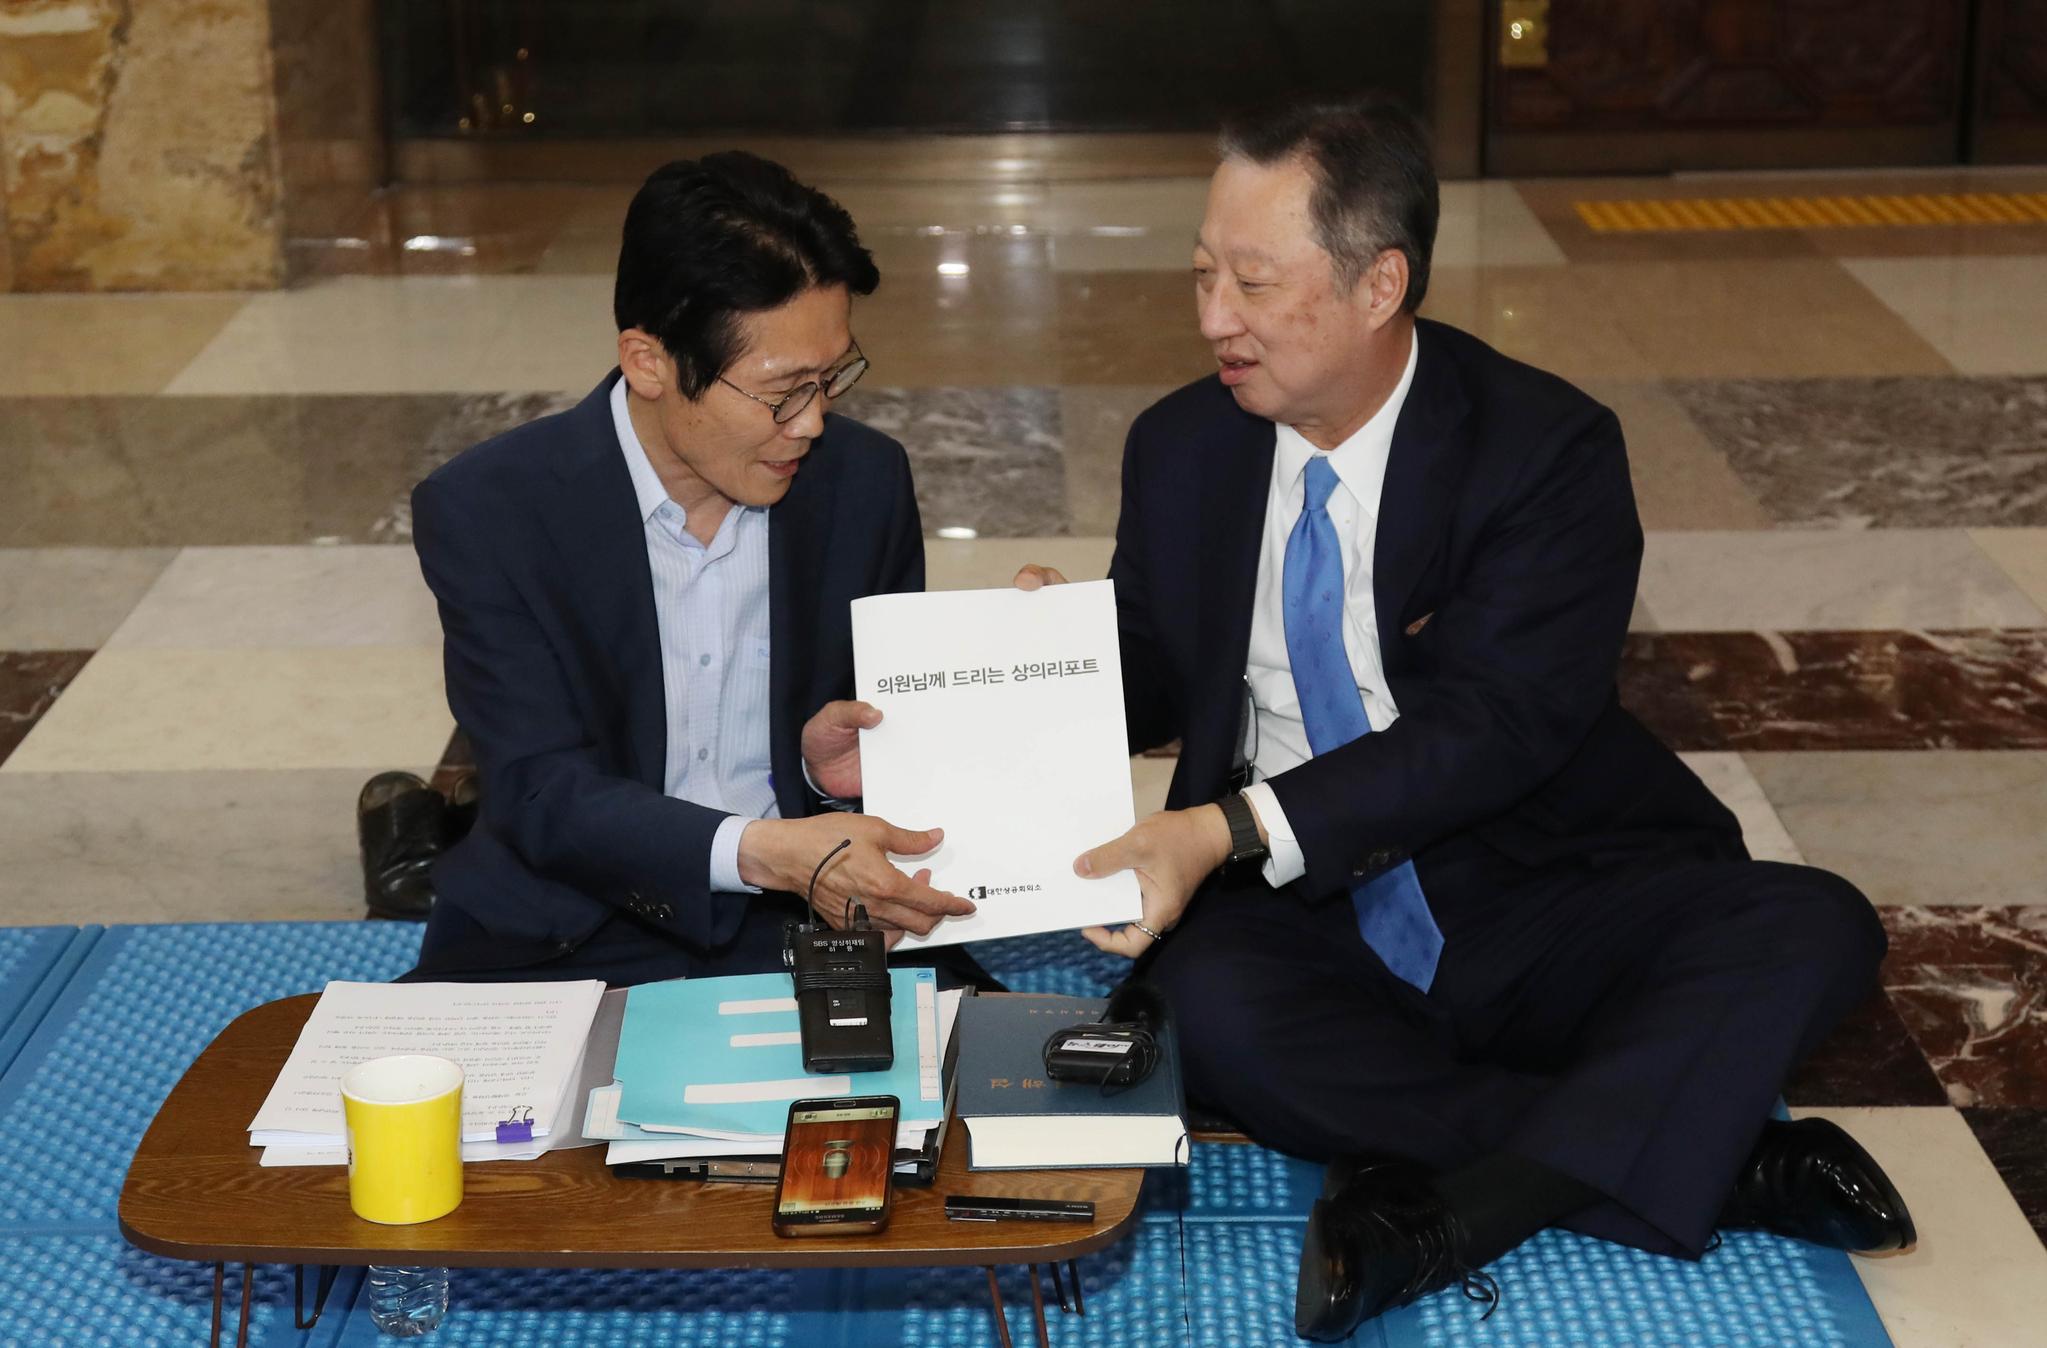 박용만(오른쪽) 대한상공회의소 회장이 17일 국회를 찾아 정의당 윤소하 원내대표에게 '경제활성화를 위한 조속입법 과제' 리포트를 전달하고 있다. [사진 대한상공회의소]